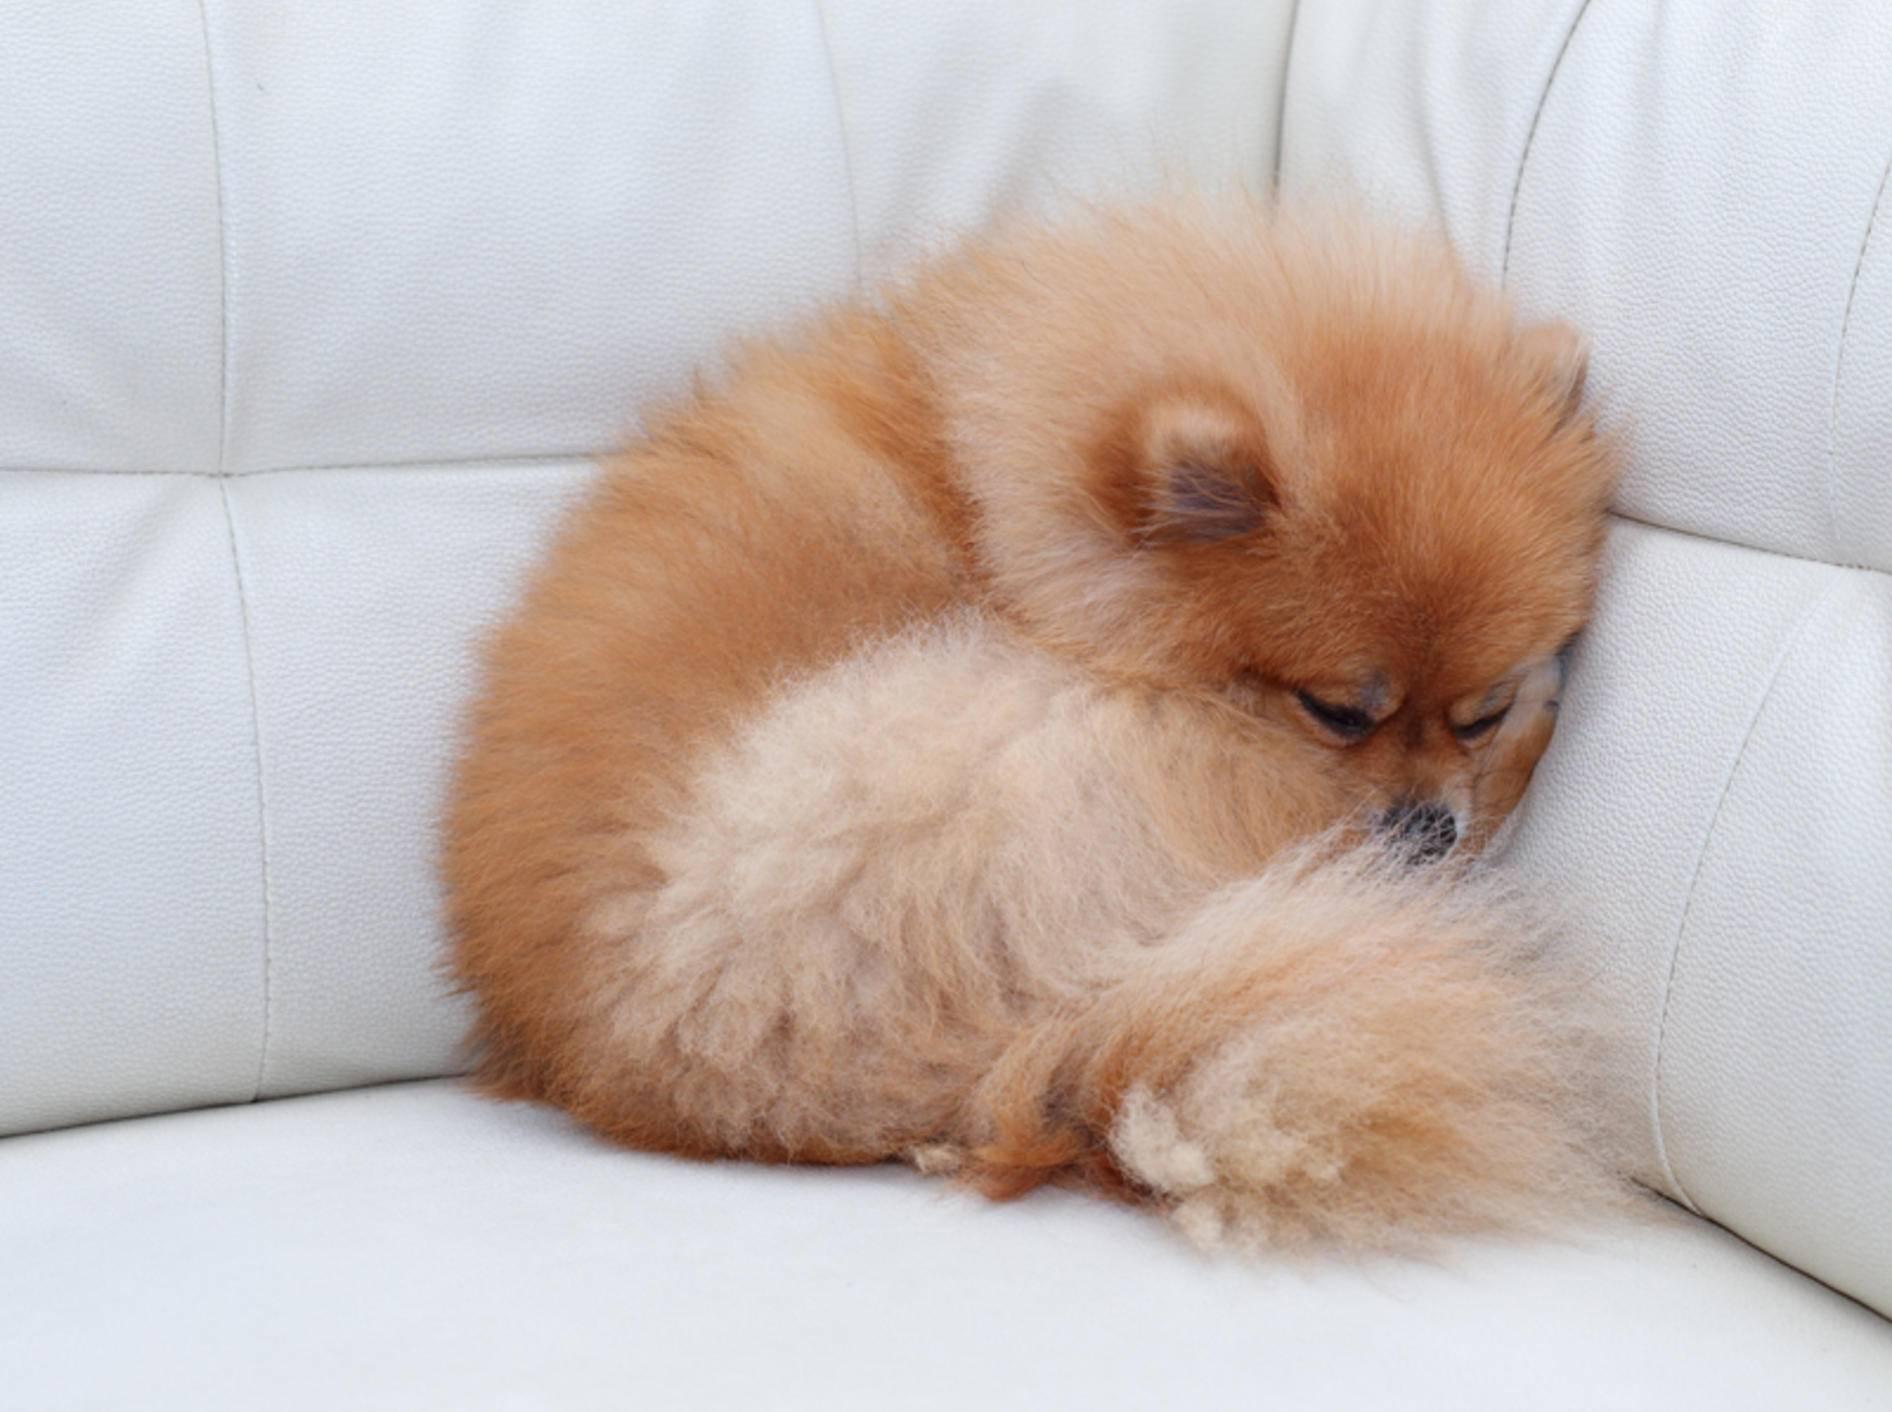 Dieser puschelige Spitz genießt seine Ruhe – Shutterstock / Sutichak